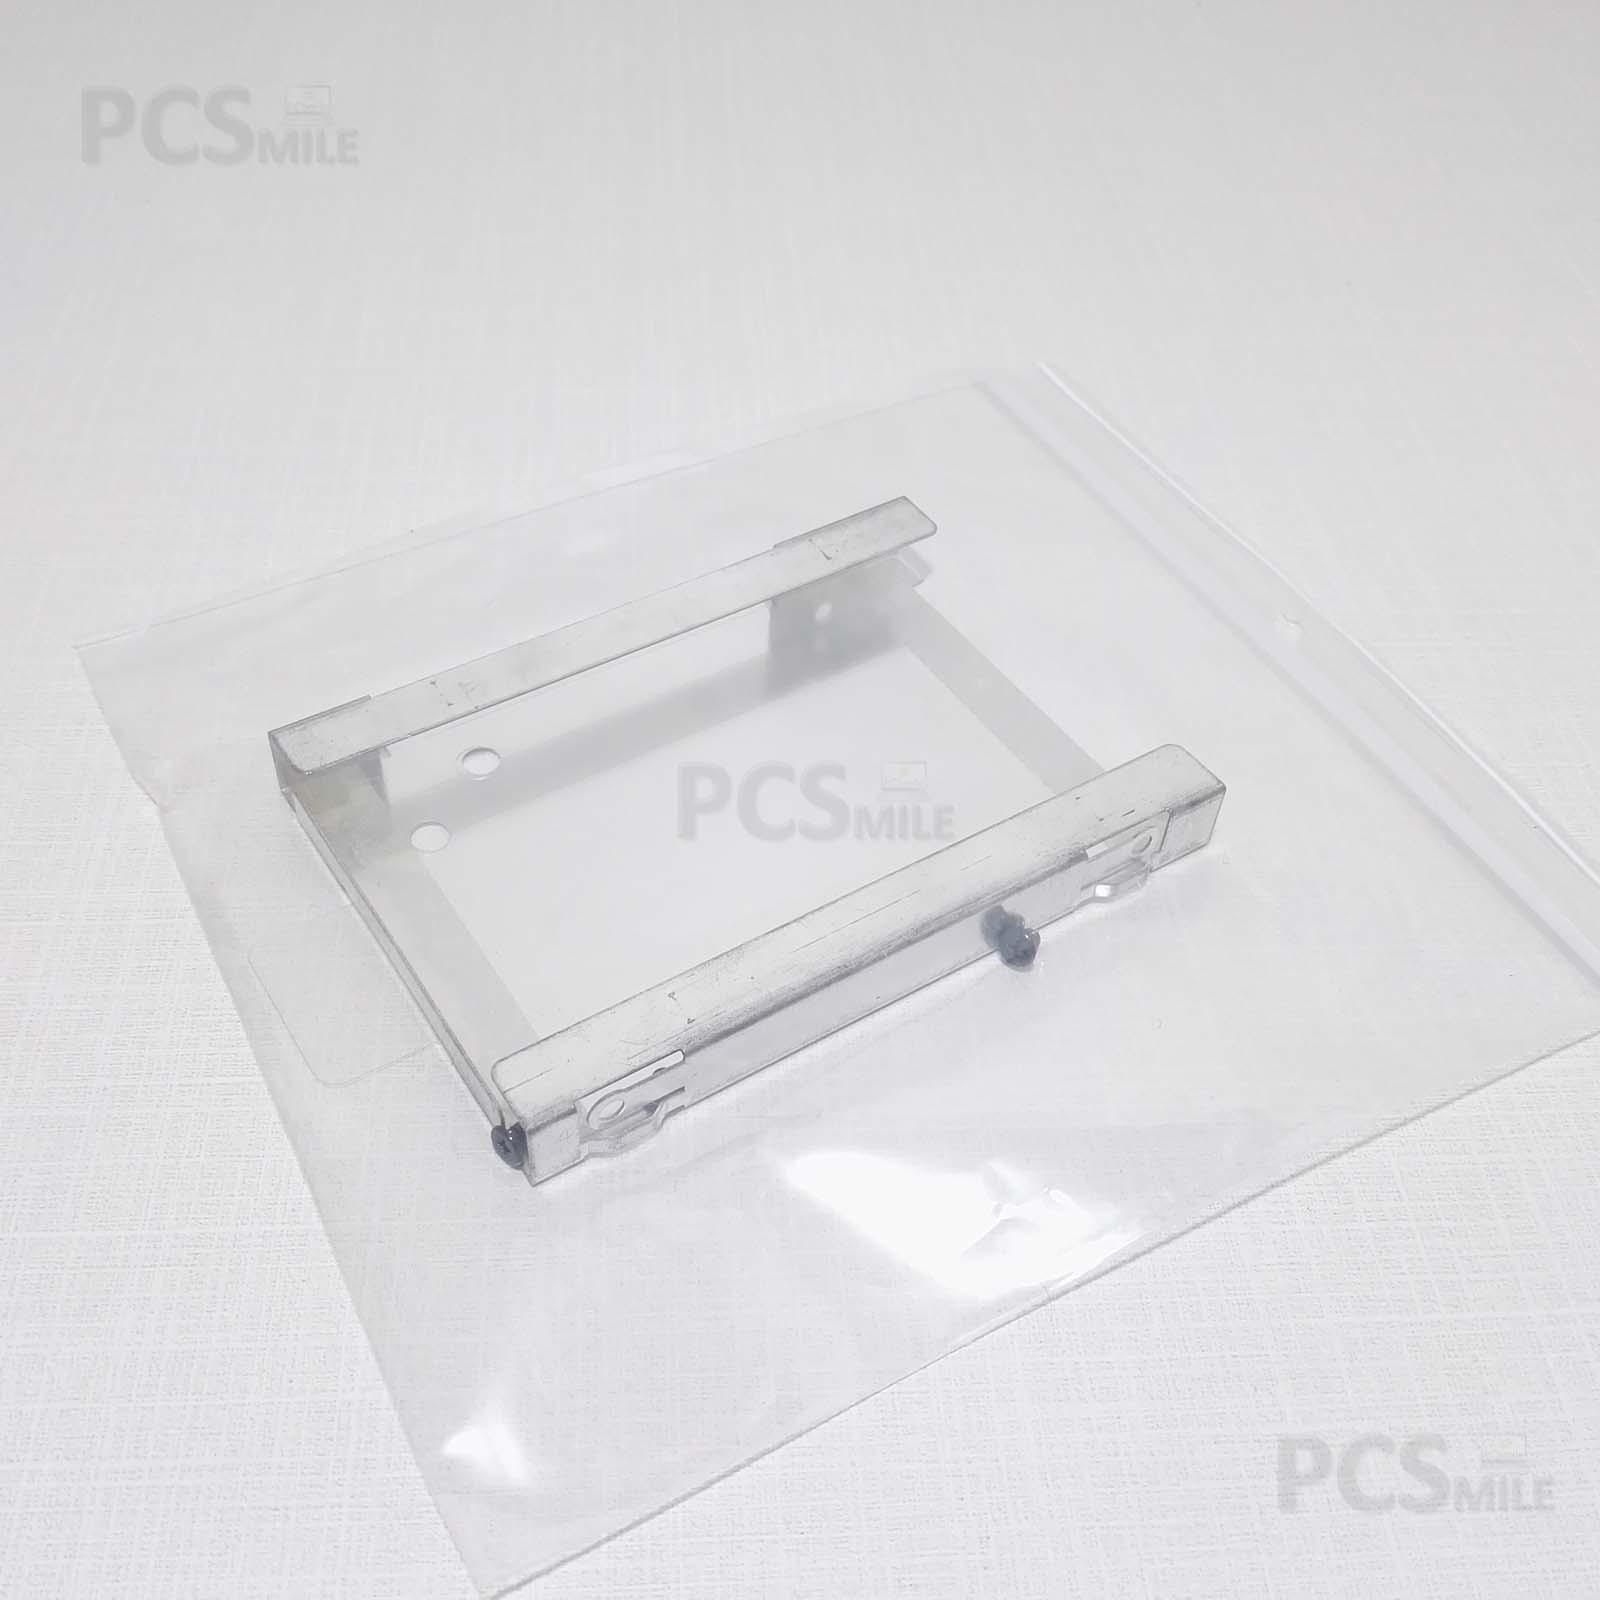 Supporto hard disk Acer Aspire 9500 slitta caddy con viti disco rigido